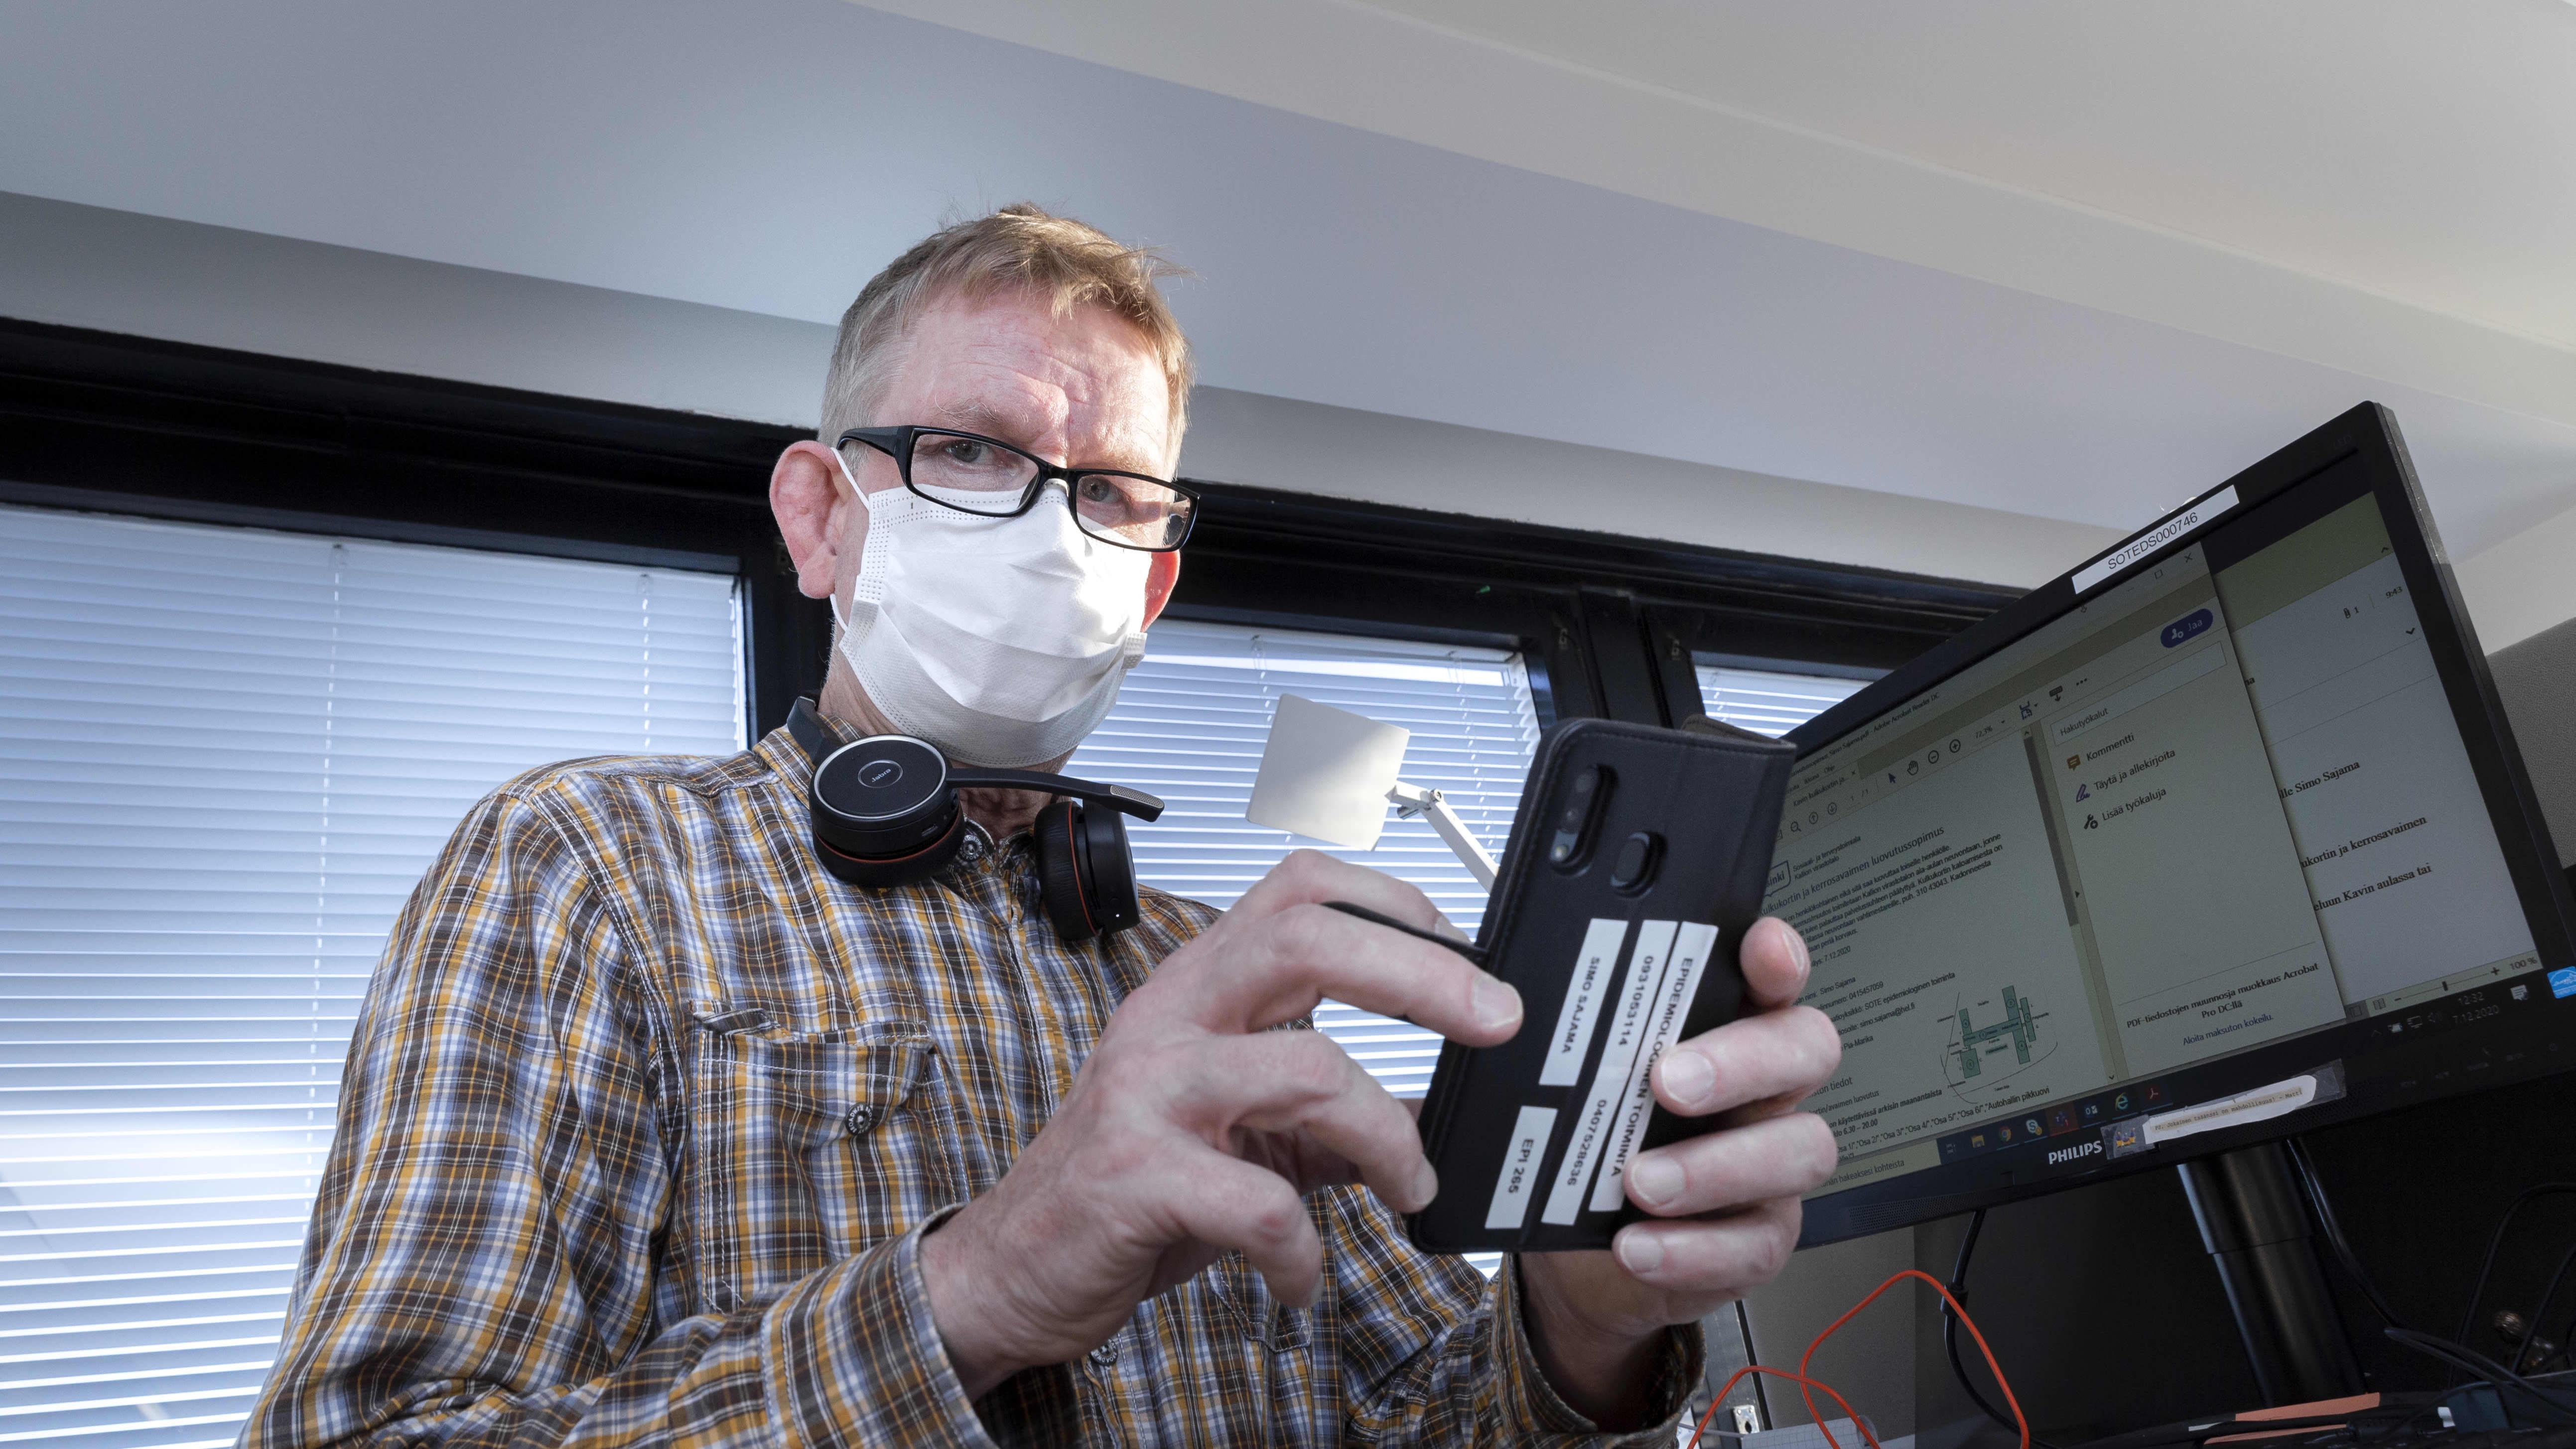 Koronajäljittäjä Simo Sajama tutkii puhelinta työpaikallaan.